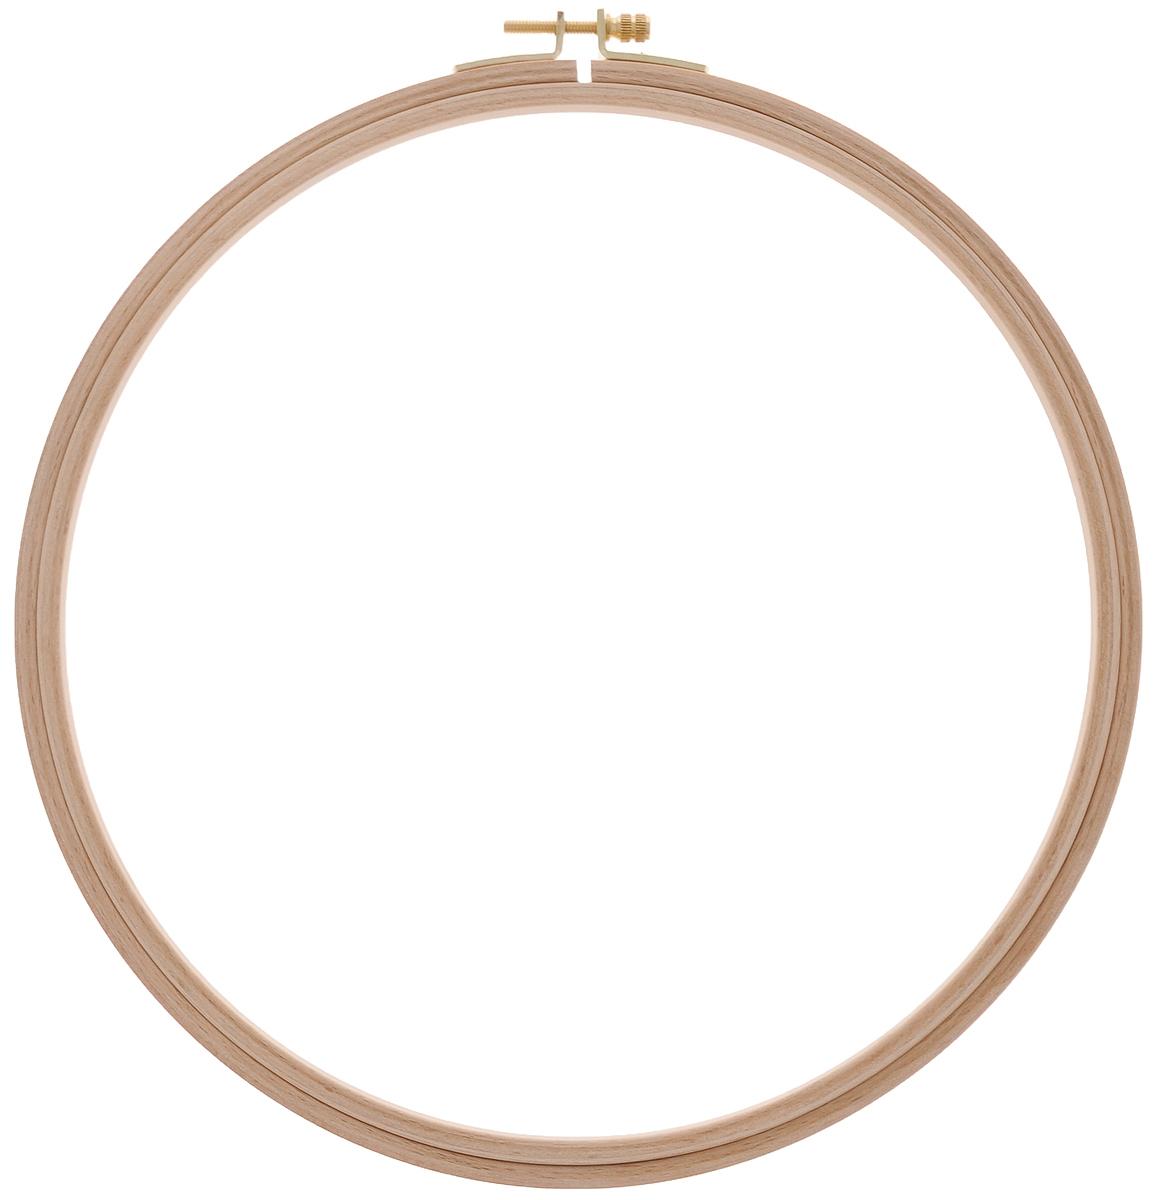 202-8 Пяльцы круглые с замком, бук, высота обода  8 мм, диаметр 25 см